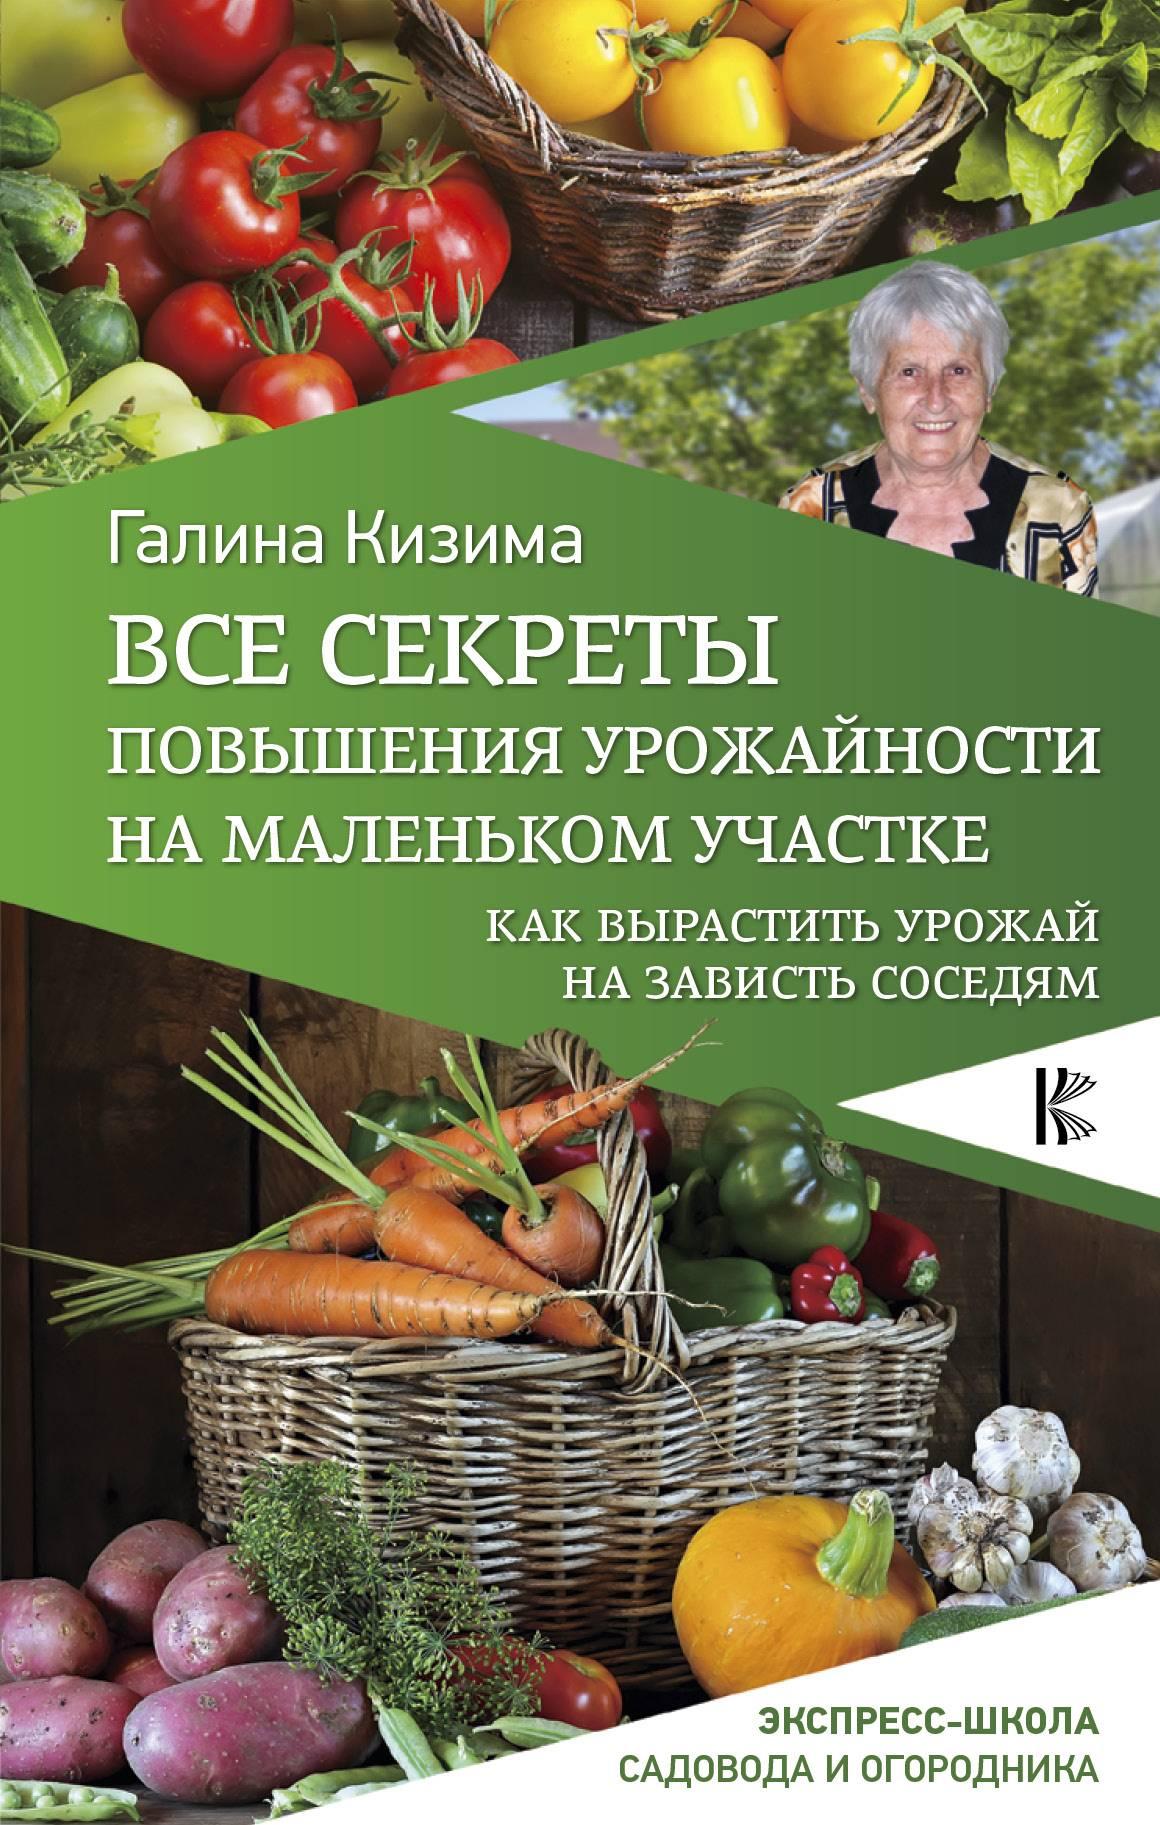 купить Галина Кизима Все секреты повышения урожайности на маленьком участке. Как вырастить урожай на зависть соседям по цене 119 рублей